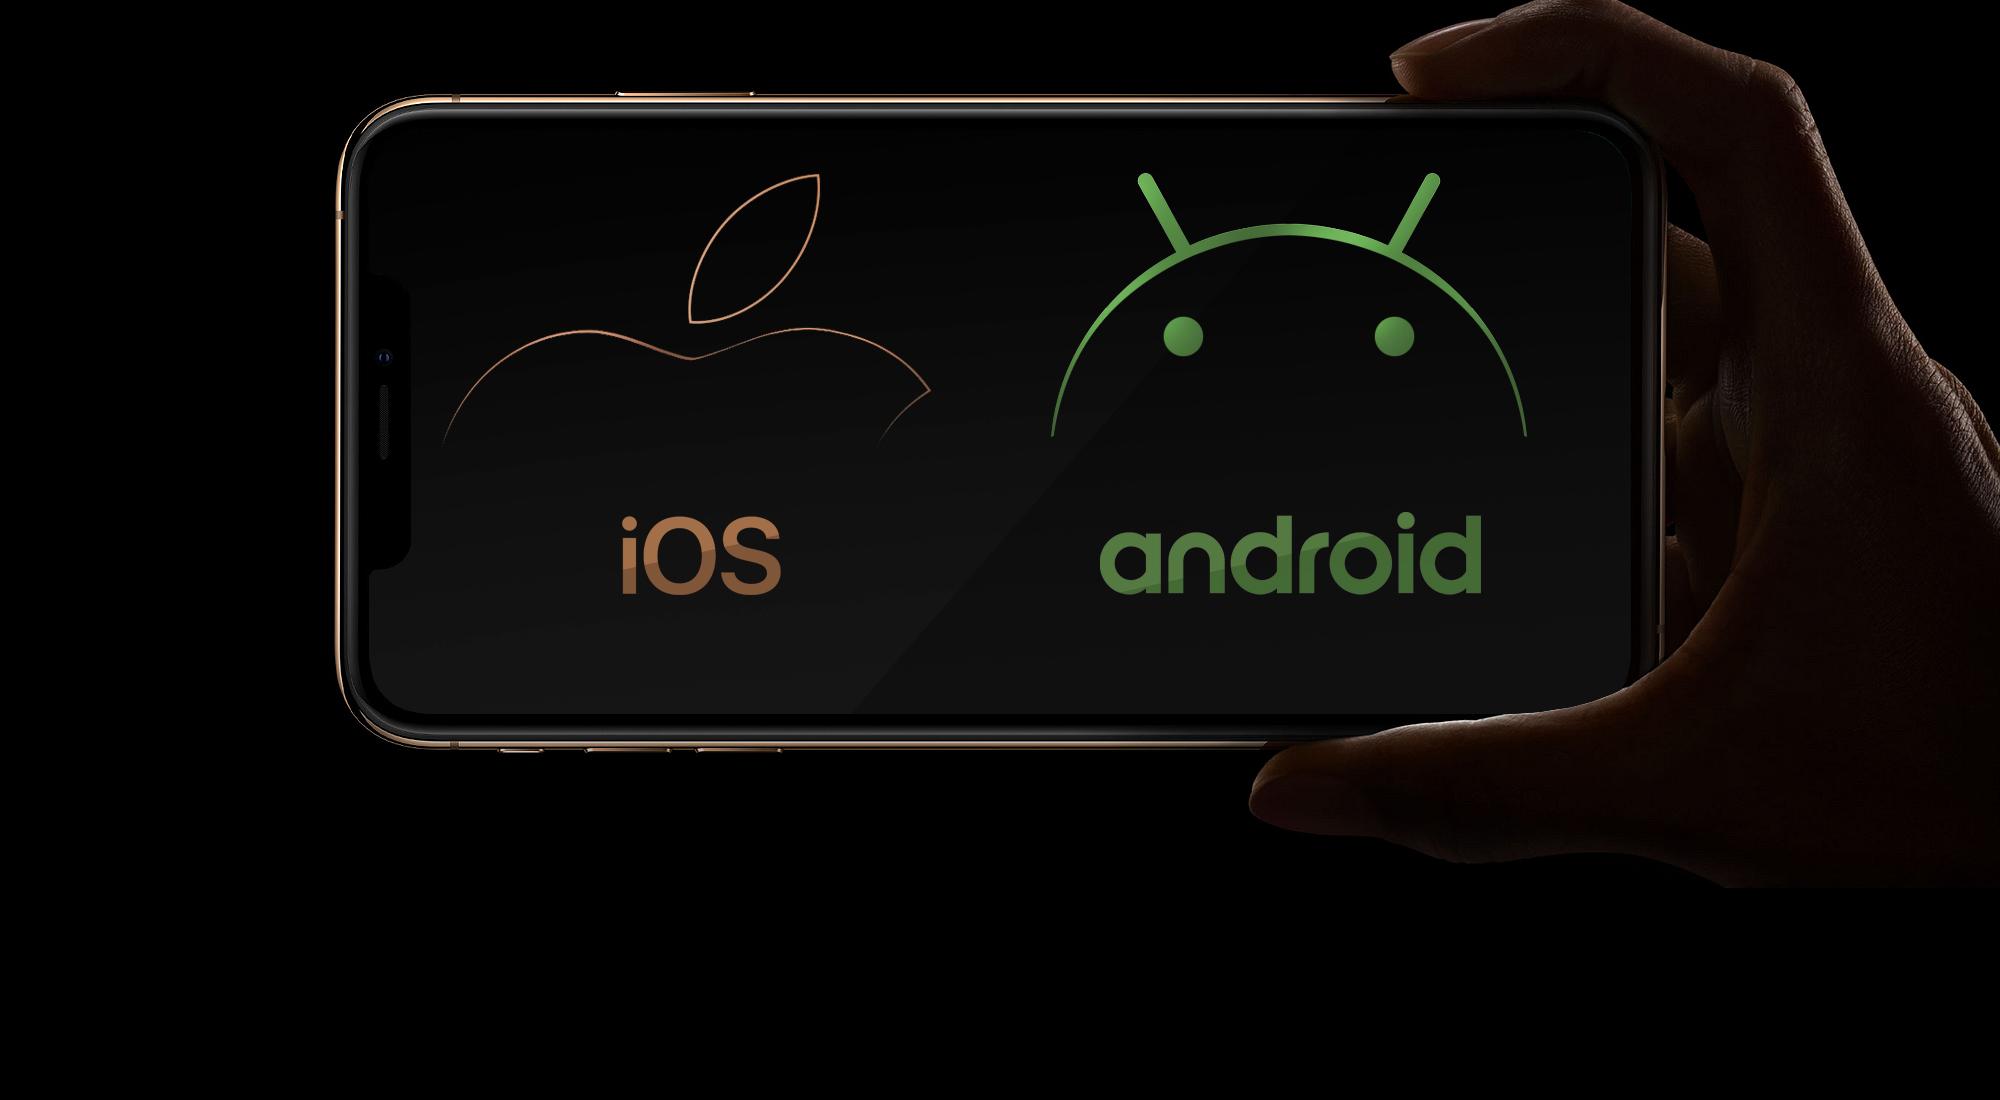 Von iOS zu Android: Ein Selbstversuch